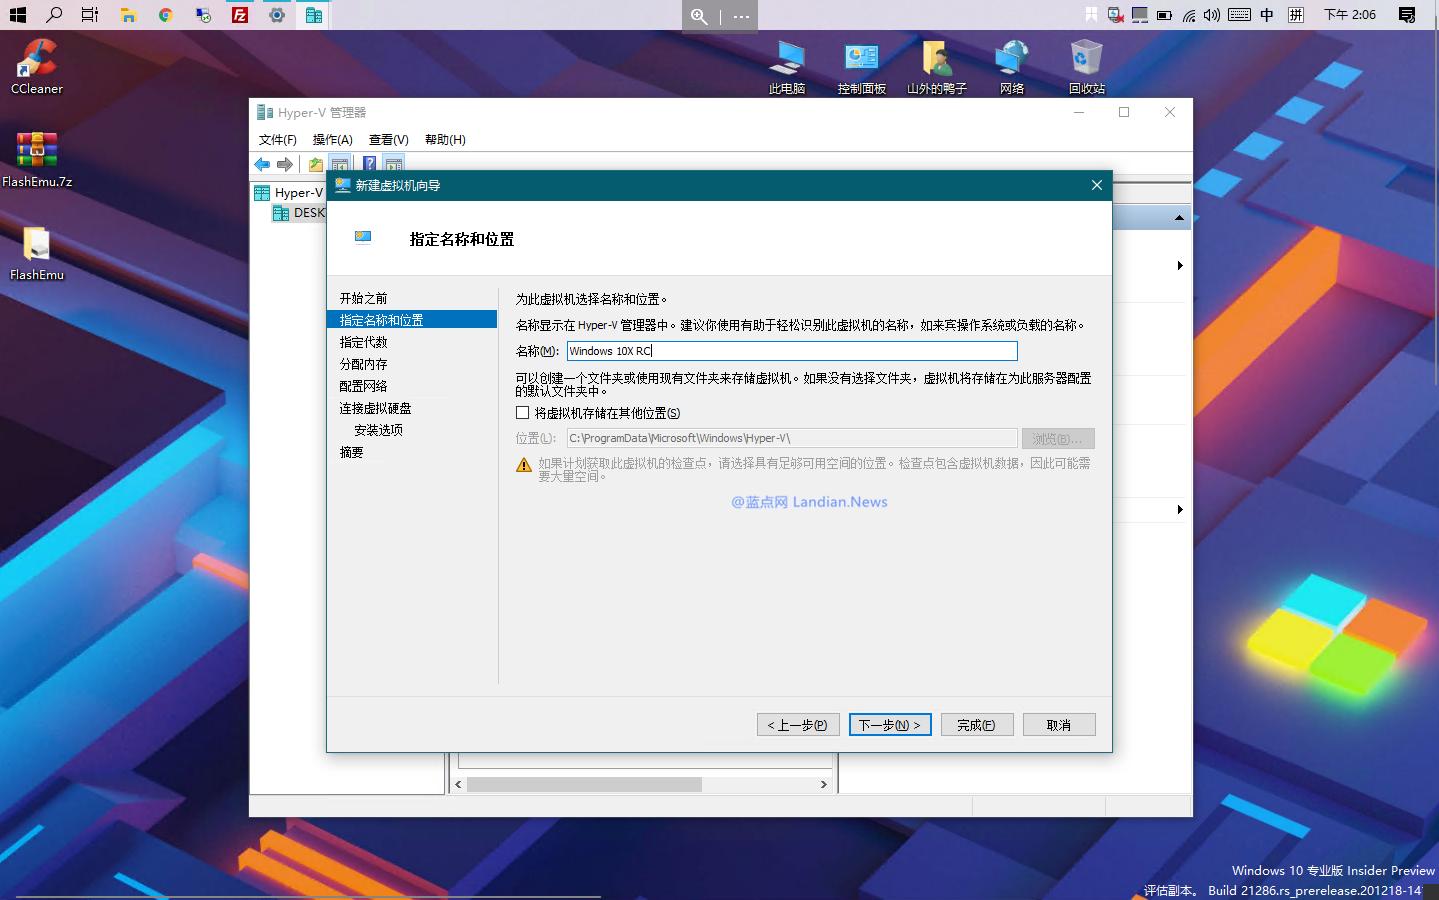 [图文教程] 现代操作系统Windows 10X版镜像下载与虚拟机部署体验